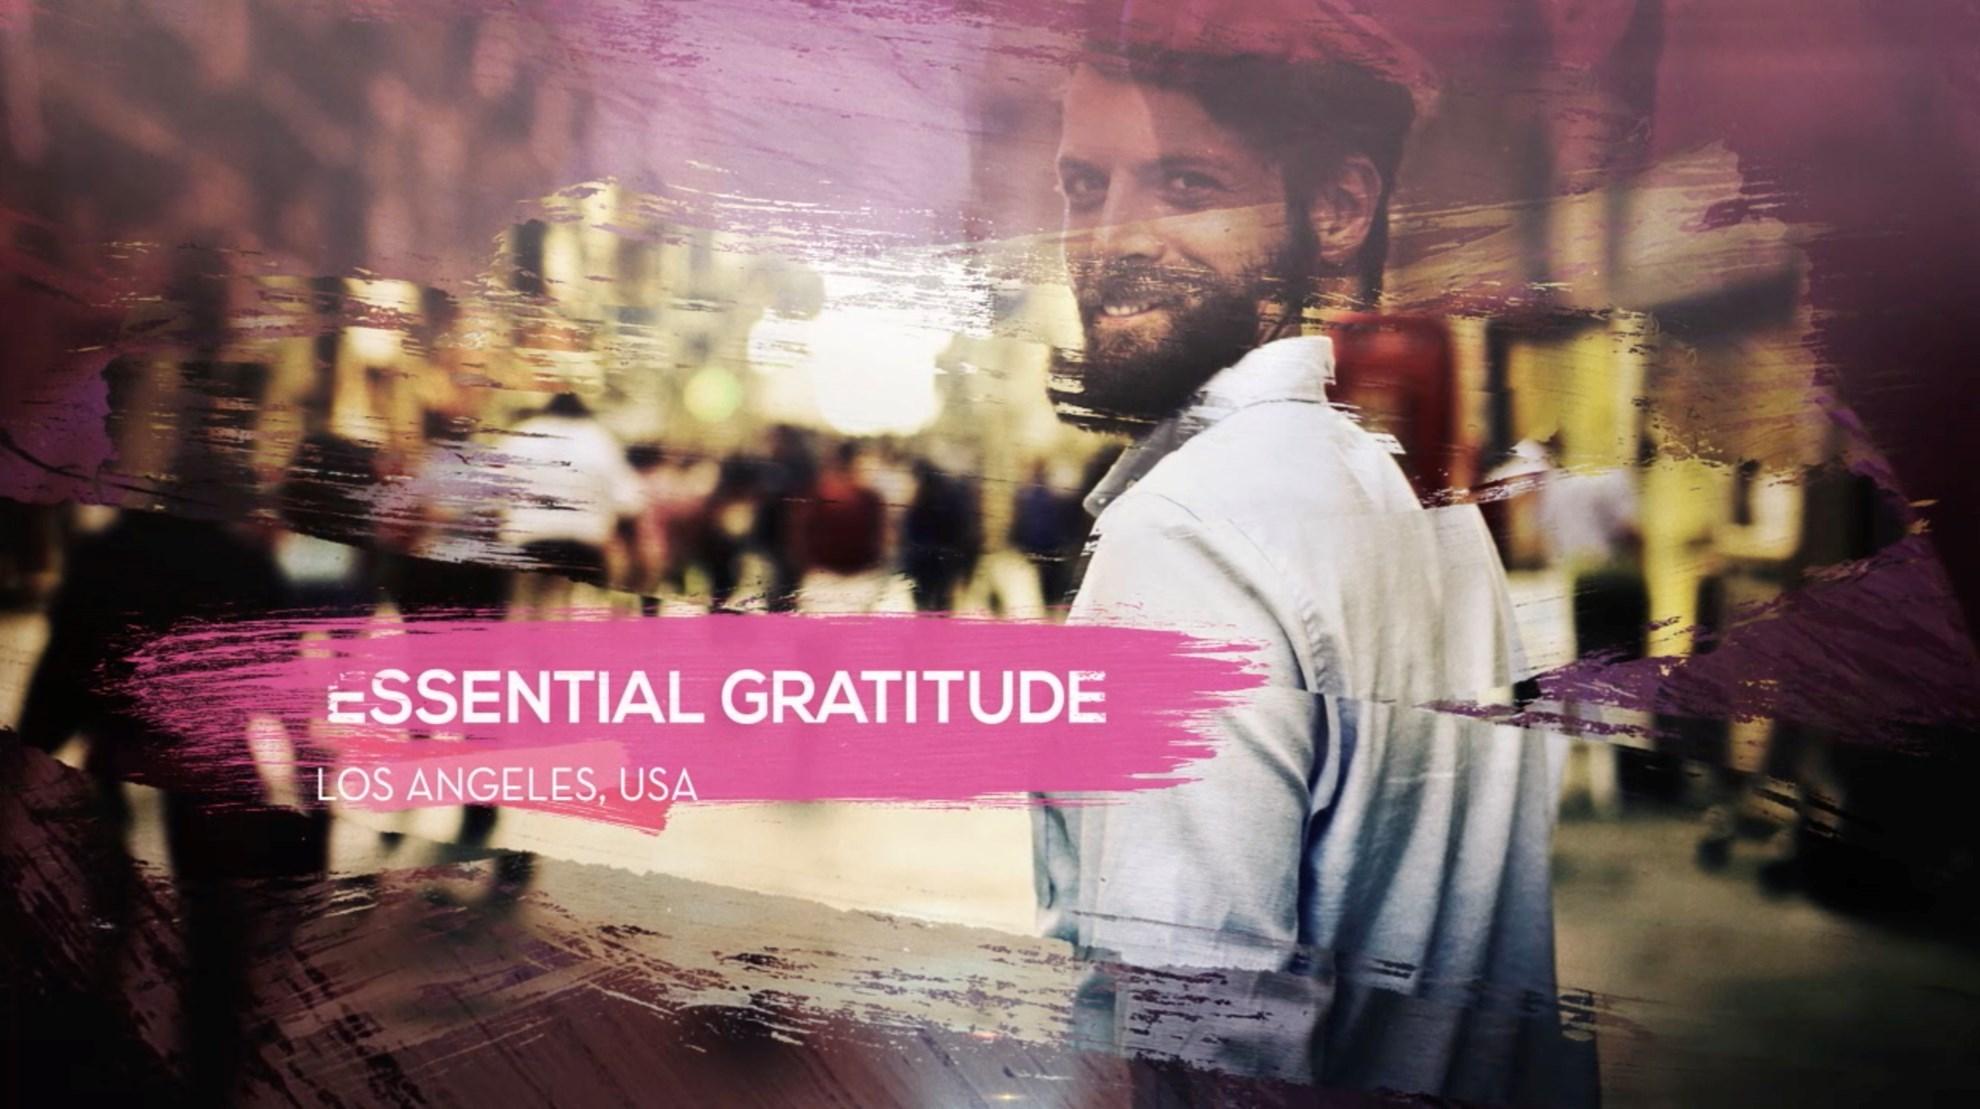 Essential Gratitude